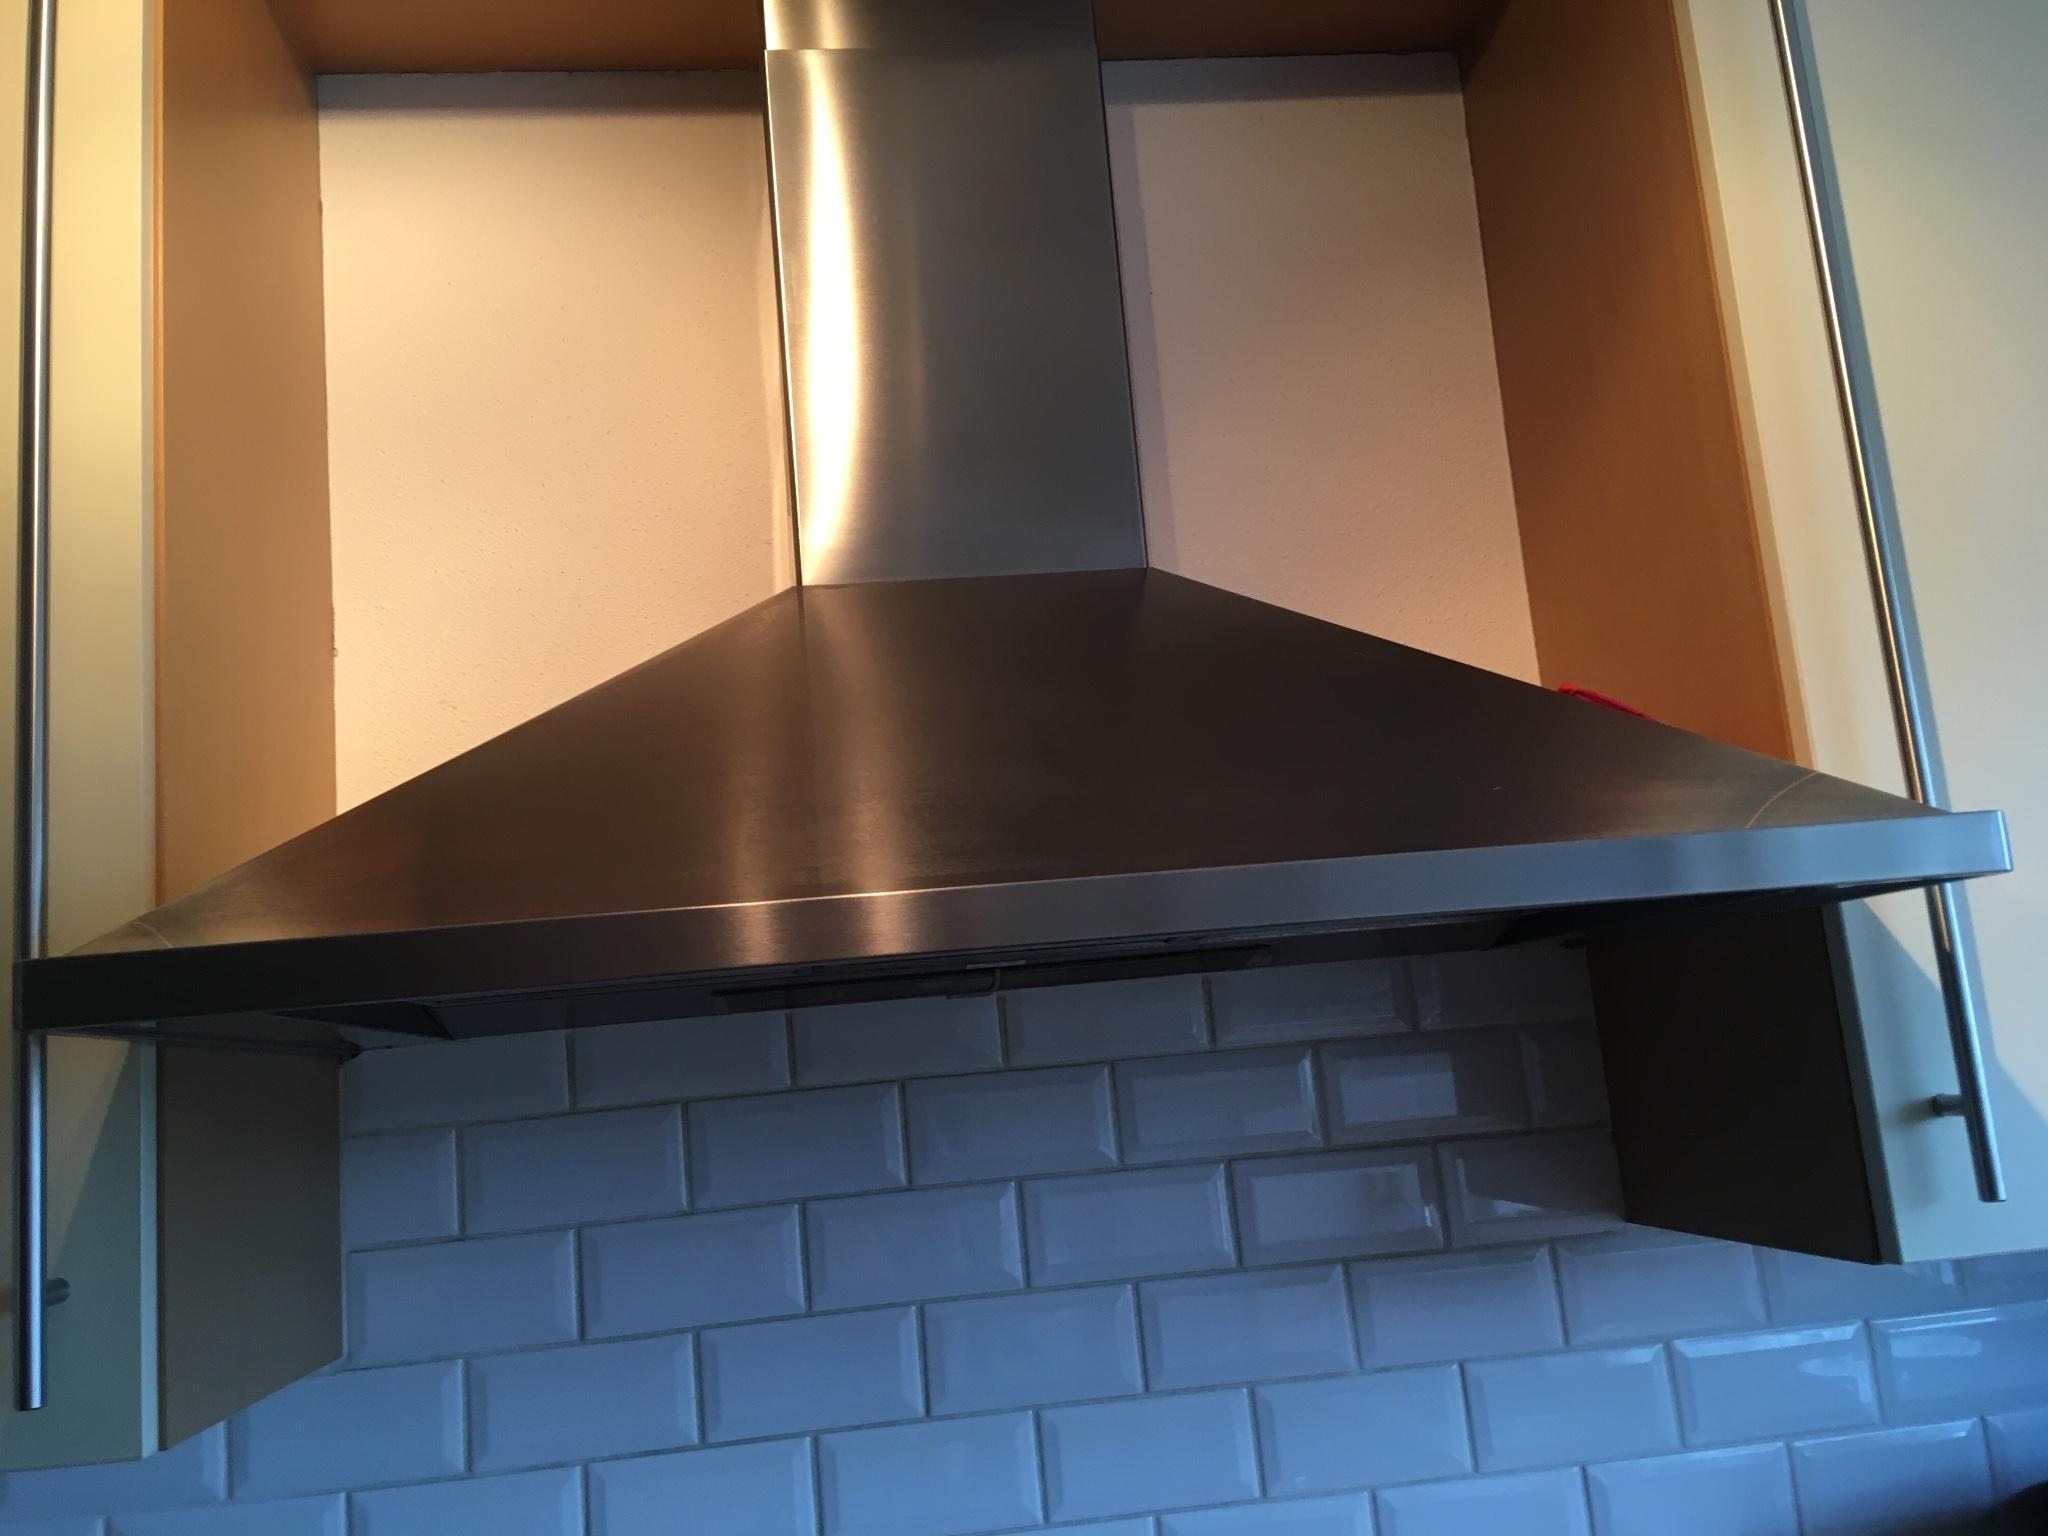 Beste Keuken Demonteren : Bruynzeel keuken demonteren u2013 informatie over de keuken